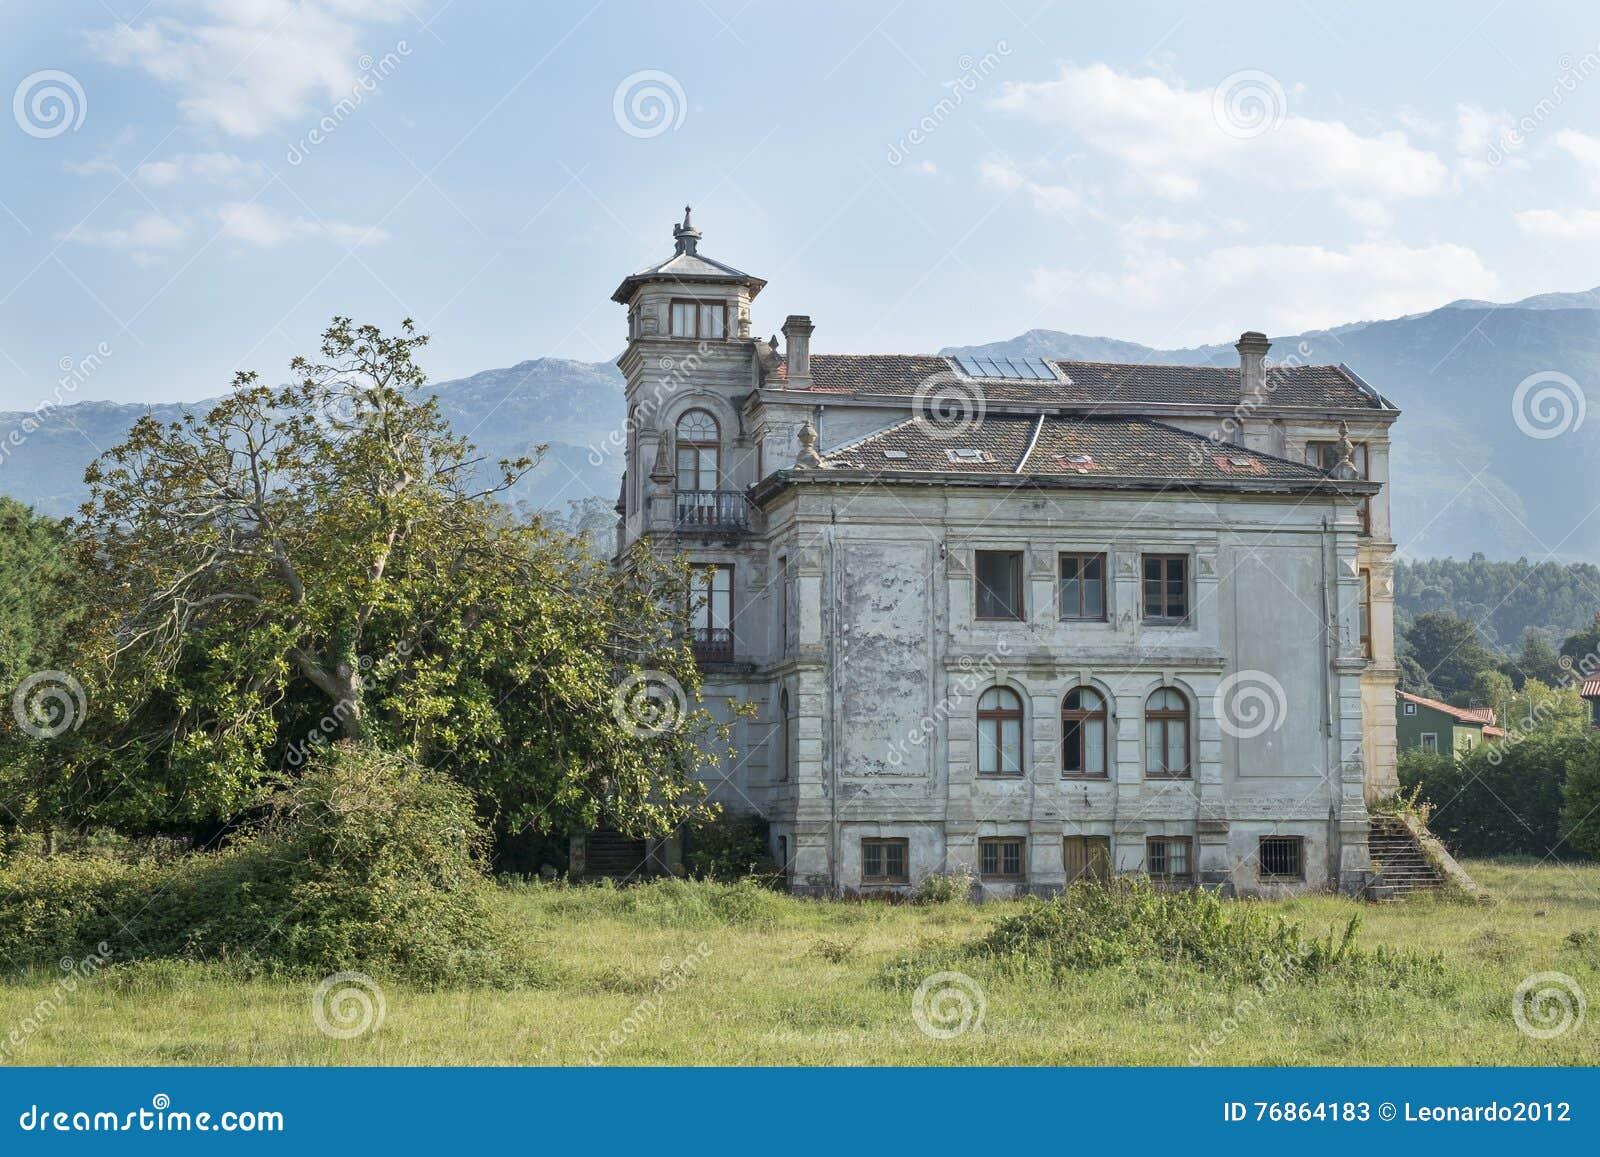 Old house in Asturias, Spain.